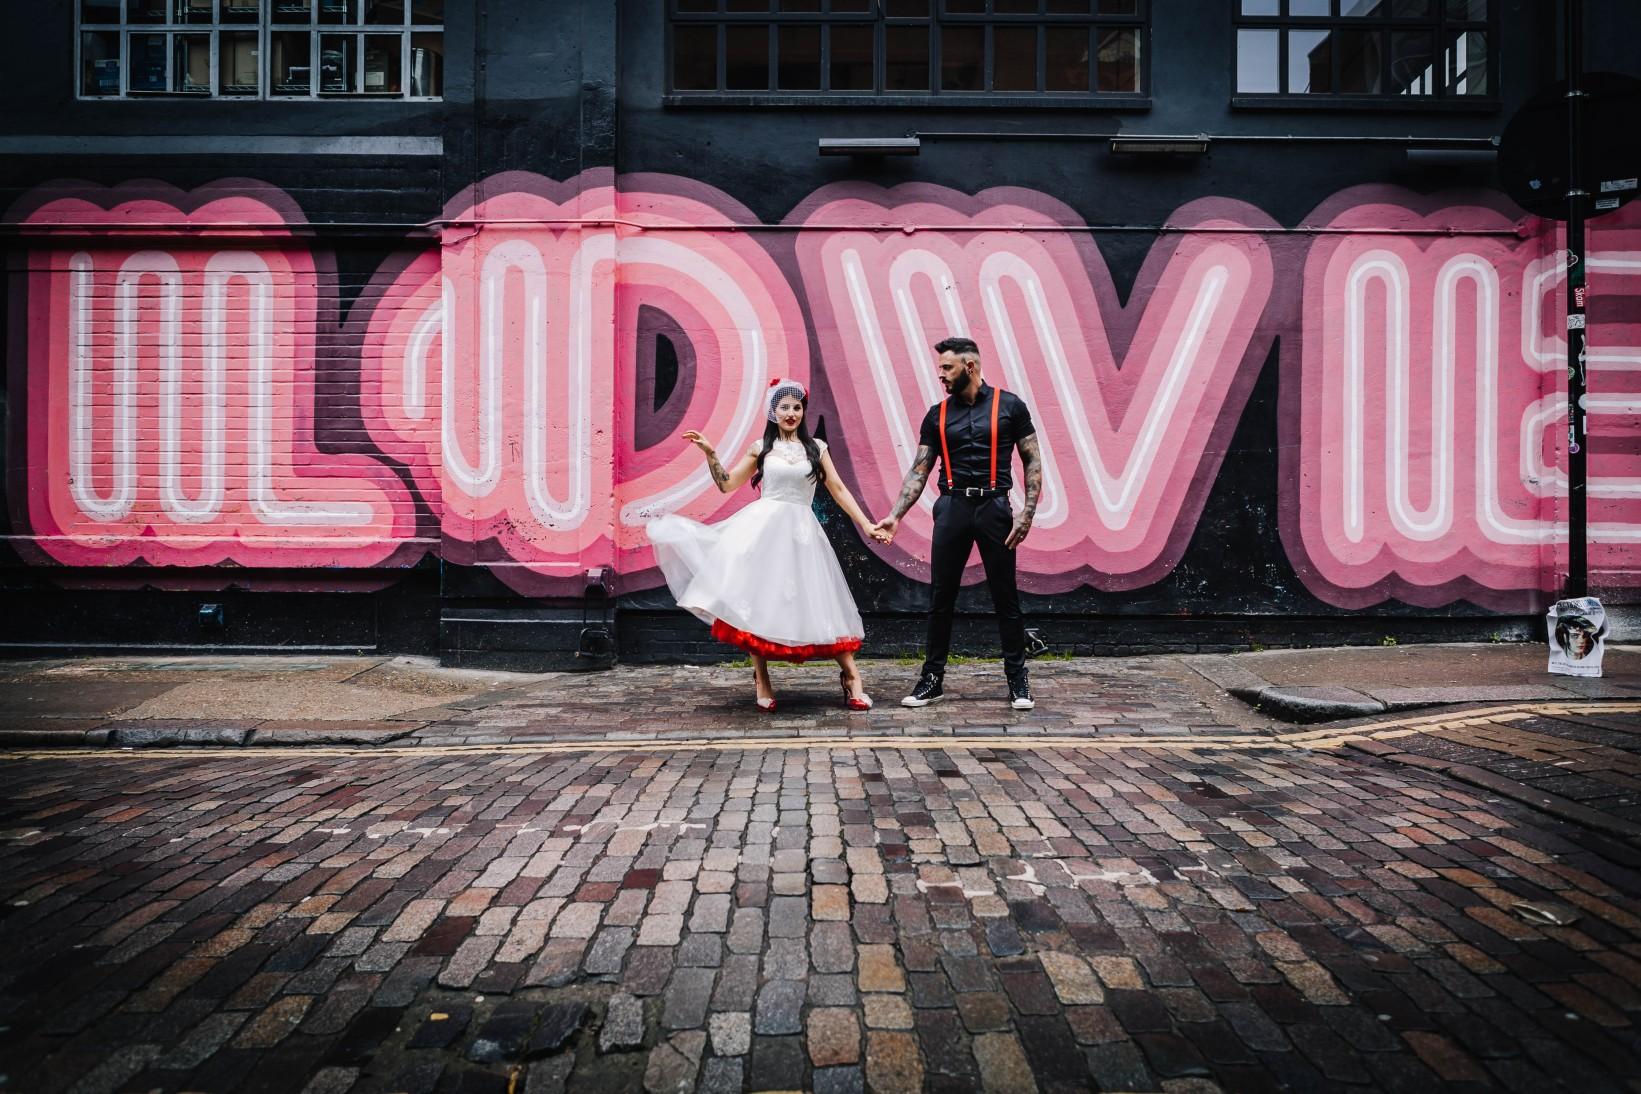 urban rockabilly wedding - east london wedding- urban wedding- rockabilly wedding- edgy wedding - retro wedding - alternative wedding- unconventional wedding- graffiti in london